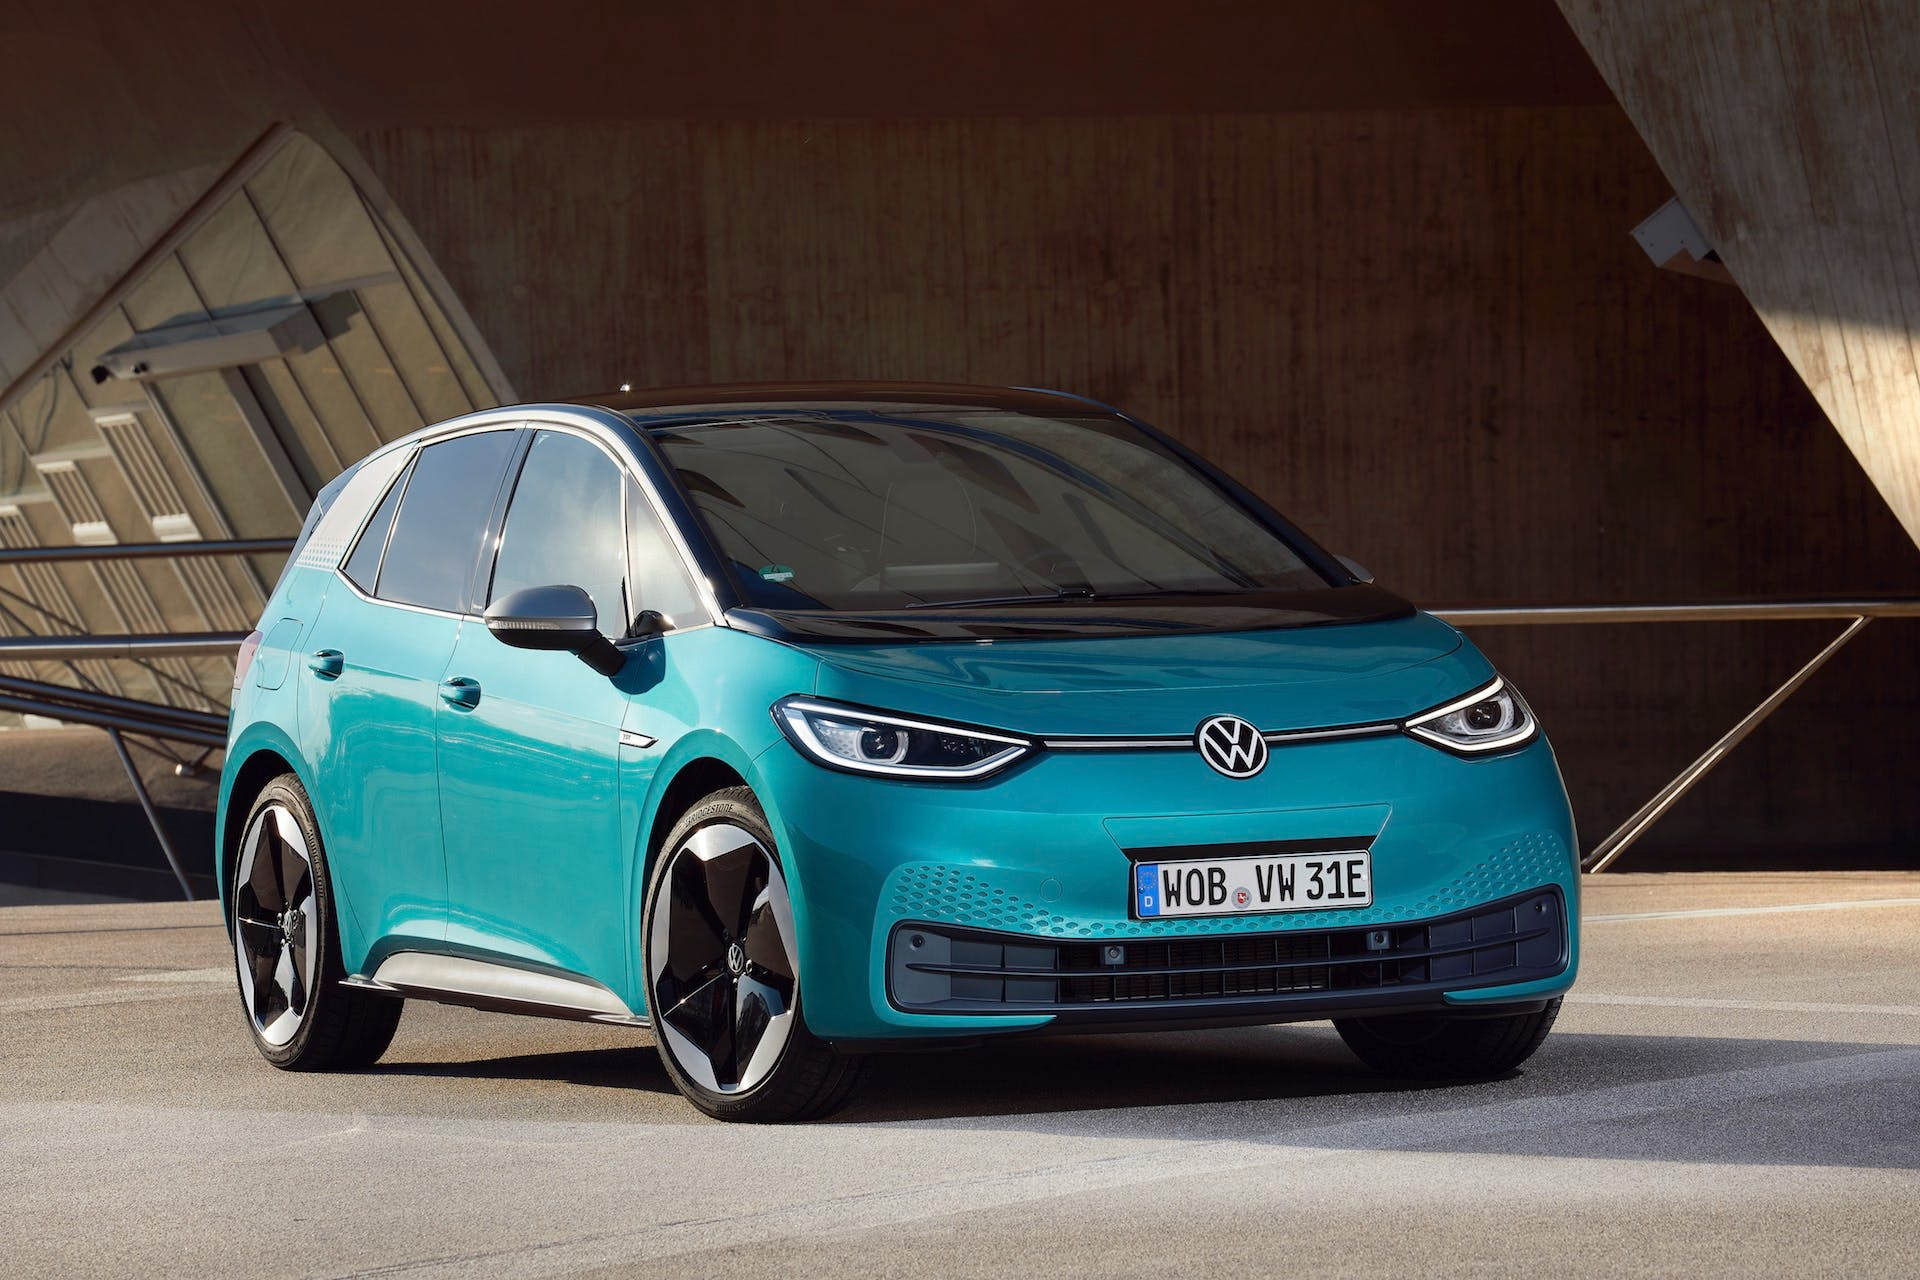 Volkswagen ID3 - 100% elettrica - in colorazione azzurro parcheggiata sulla banchina di un porto vista anteriormente per intero